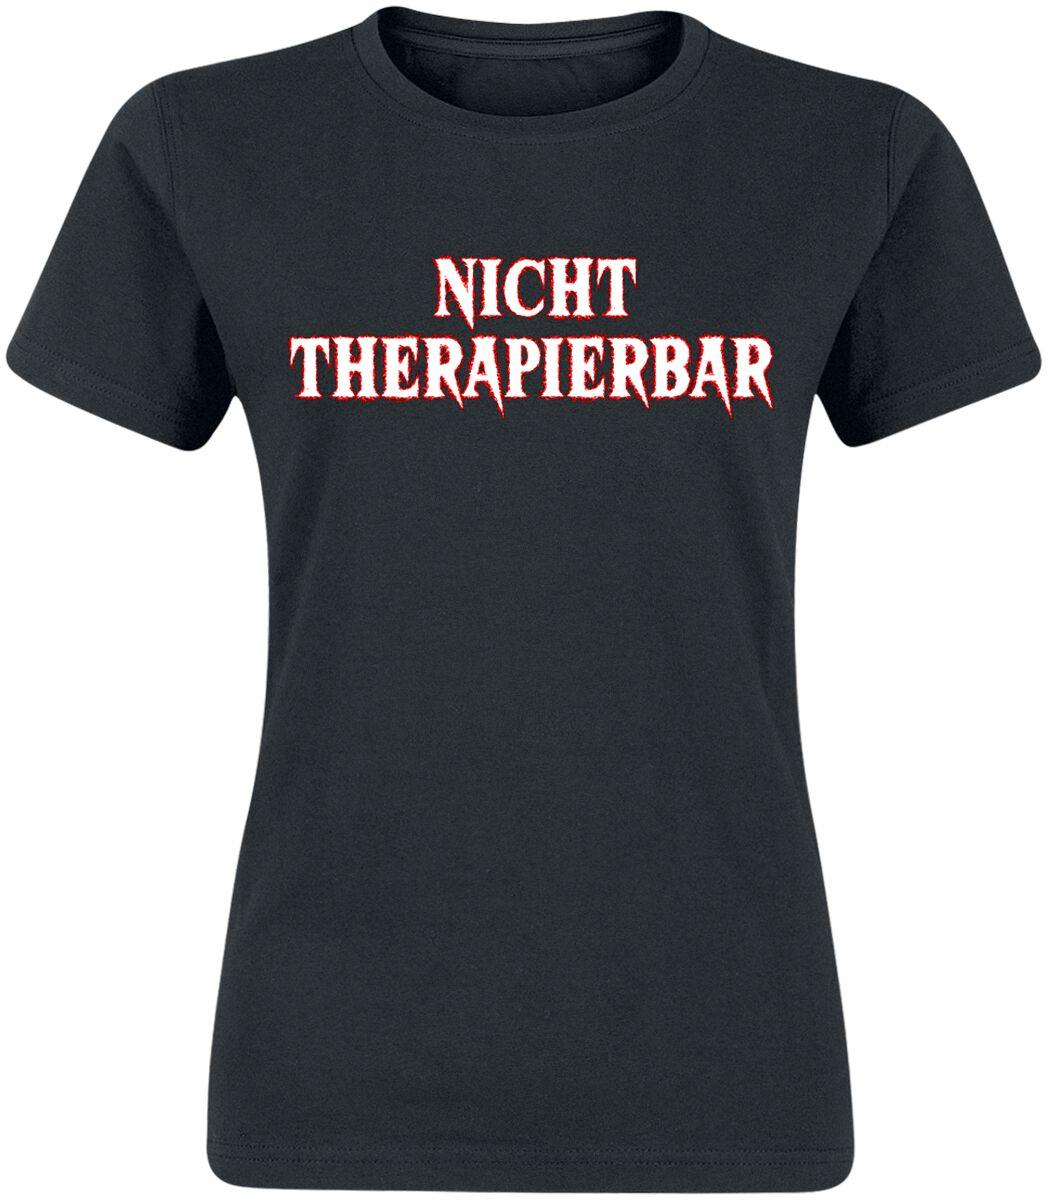 Nicht therapierbar T-Shirt schwarz POD - BY086